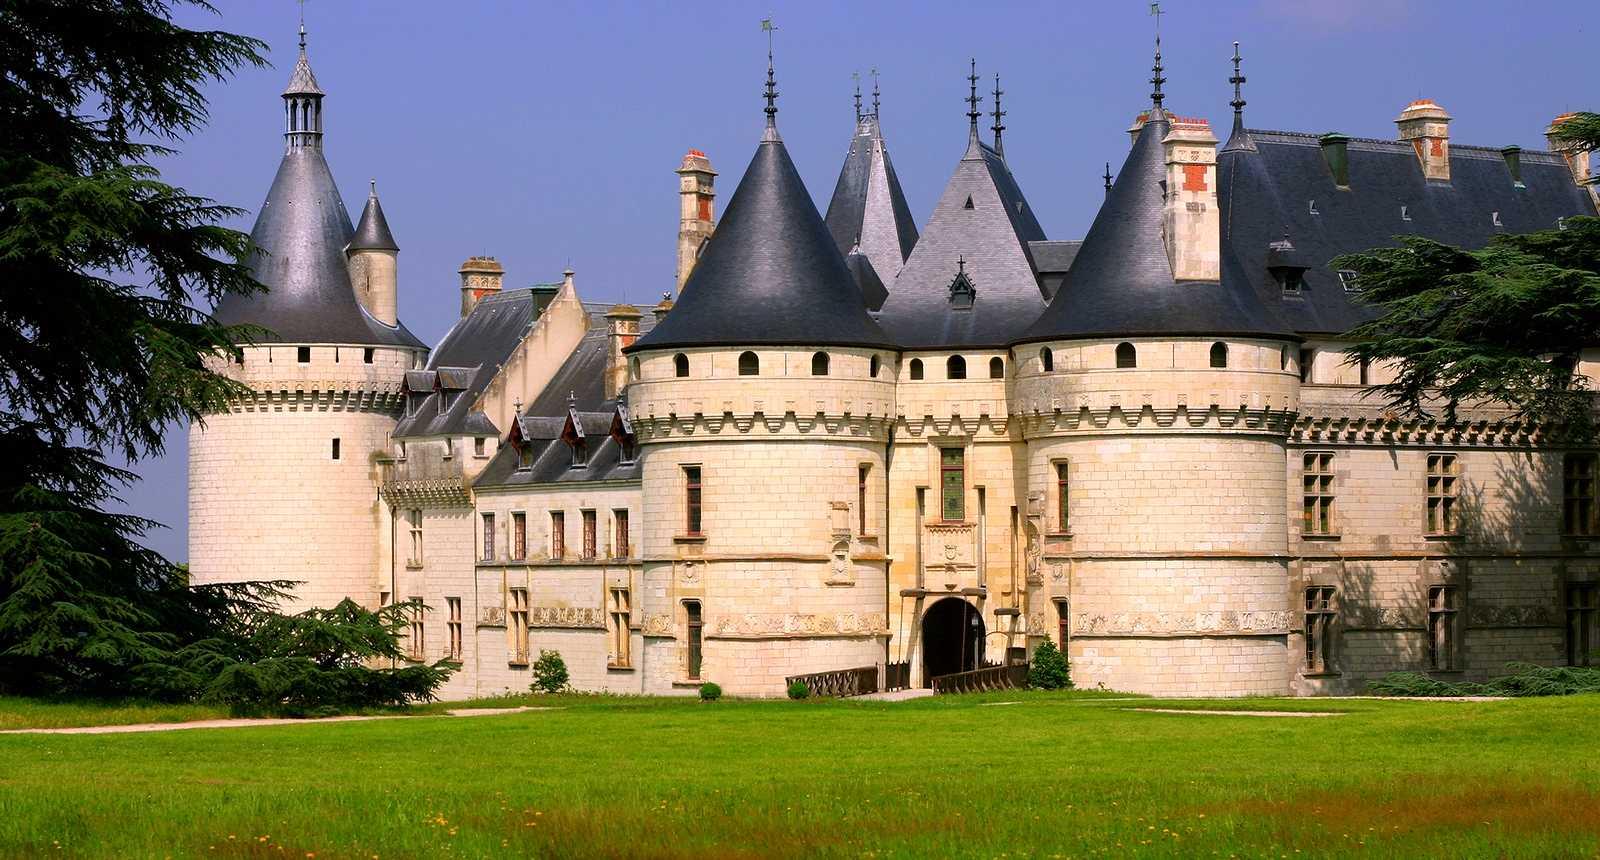 office de tourisme 41600 chaumont-sur-tharonne